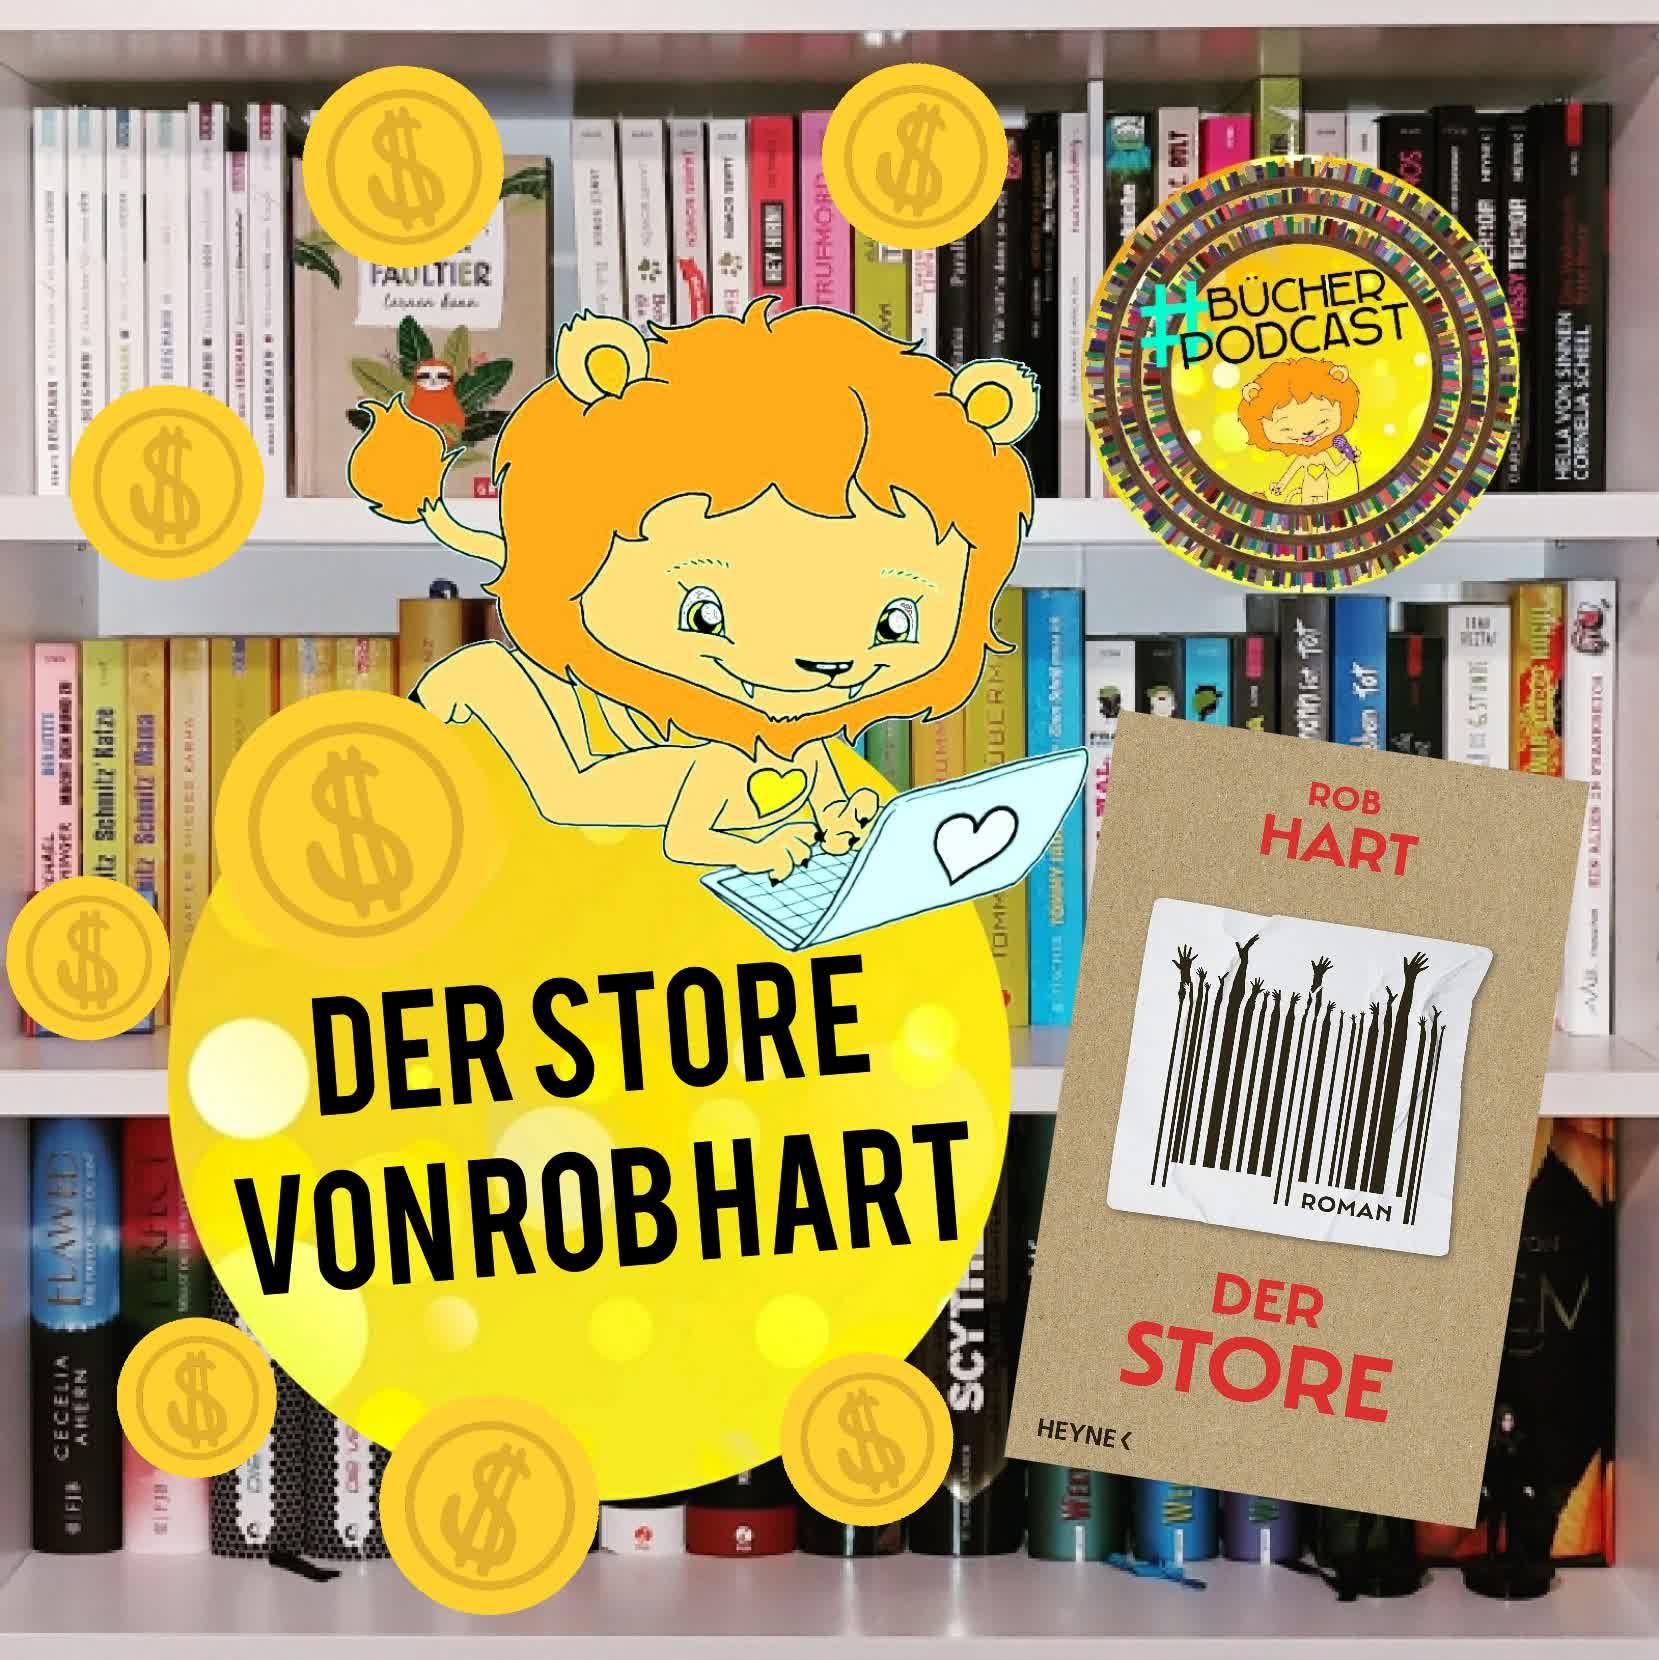 Der Store von Rob Hart